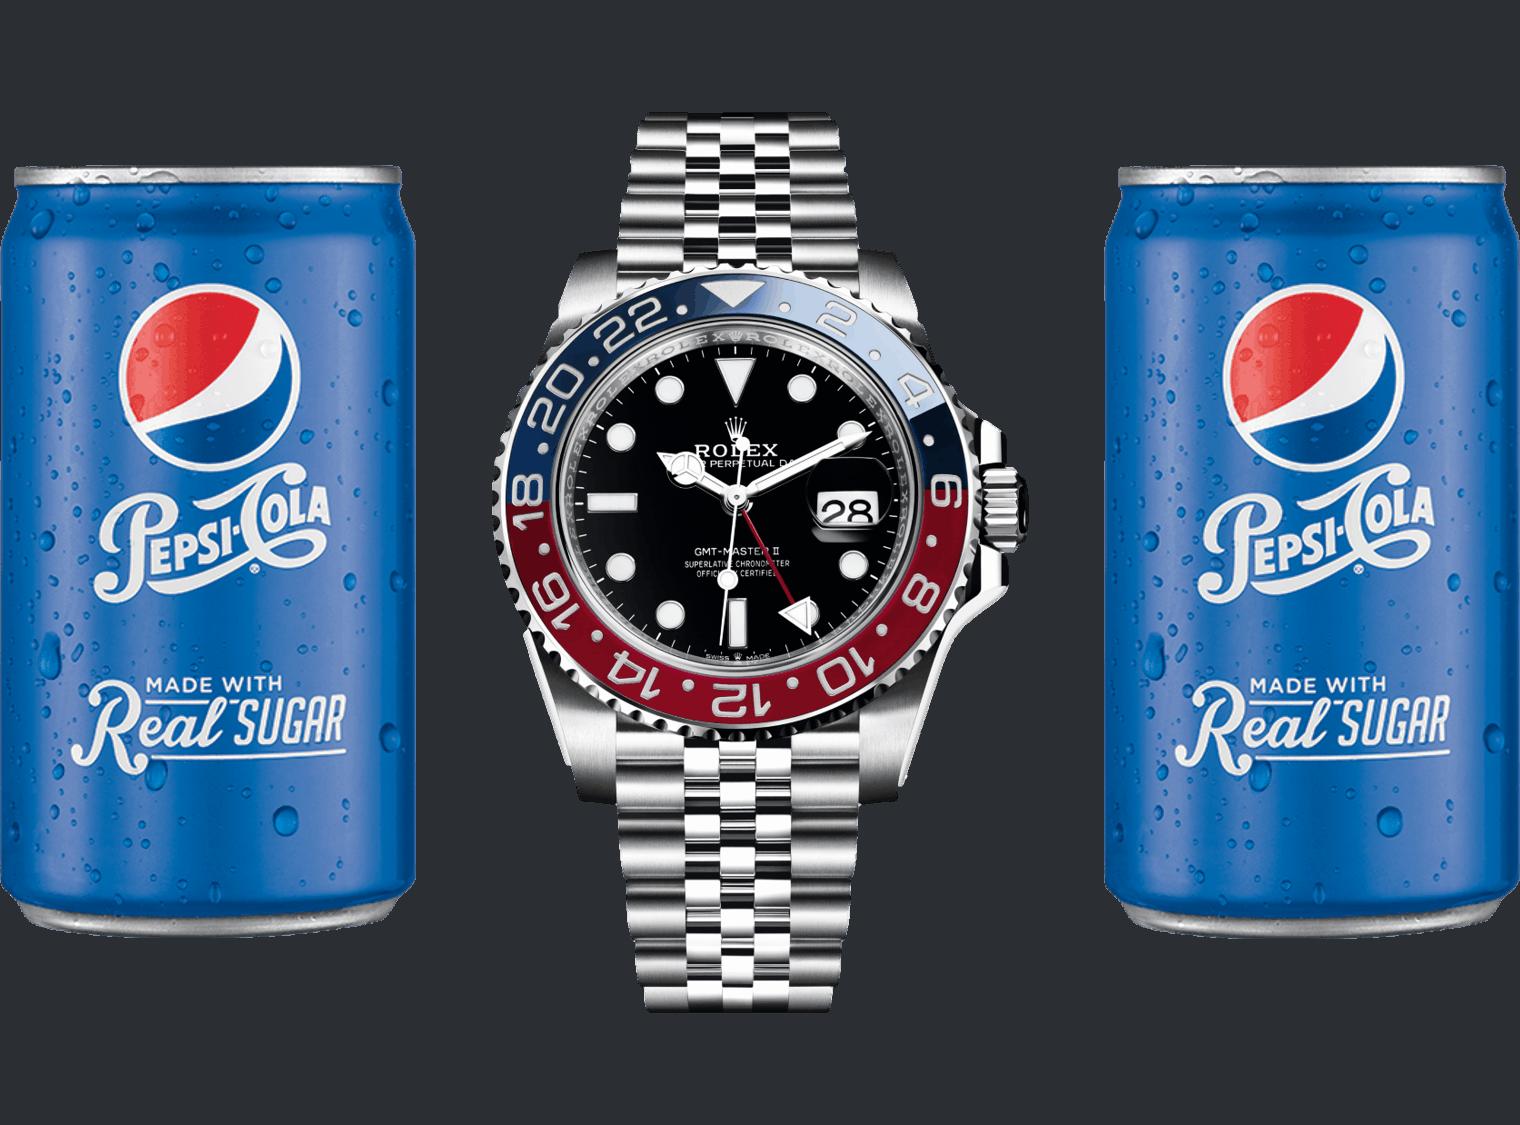 Rolex PepsiRolex GMT-Master II: So kam es zum heissbegehrten Rolex Pepsi Chronometer